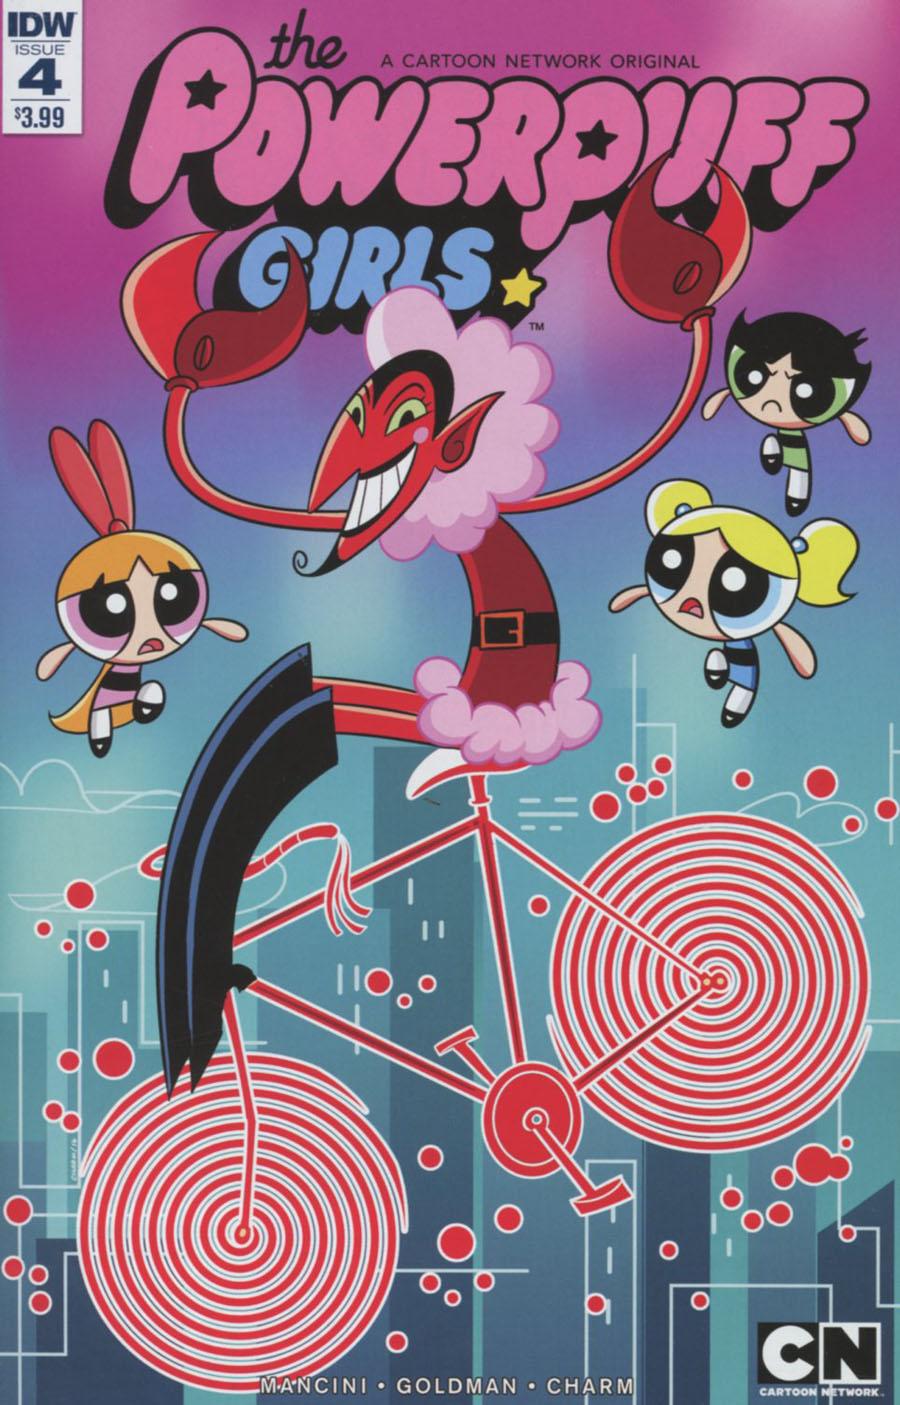 Powerpuff Girls Vol 3 #4 Cover A Regular Derek Charm Cover